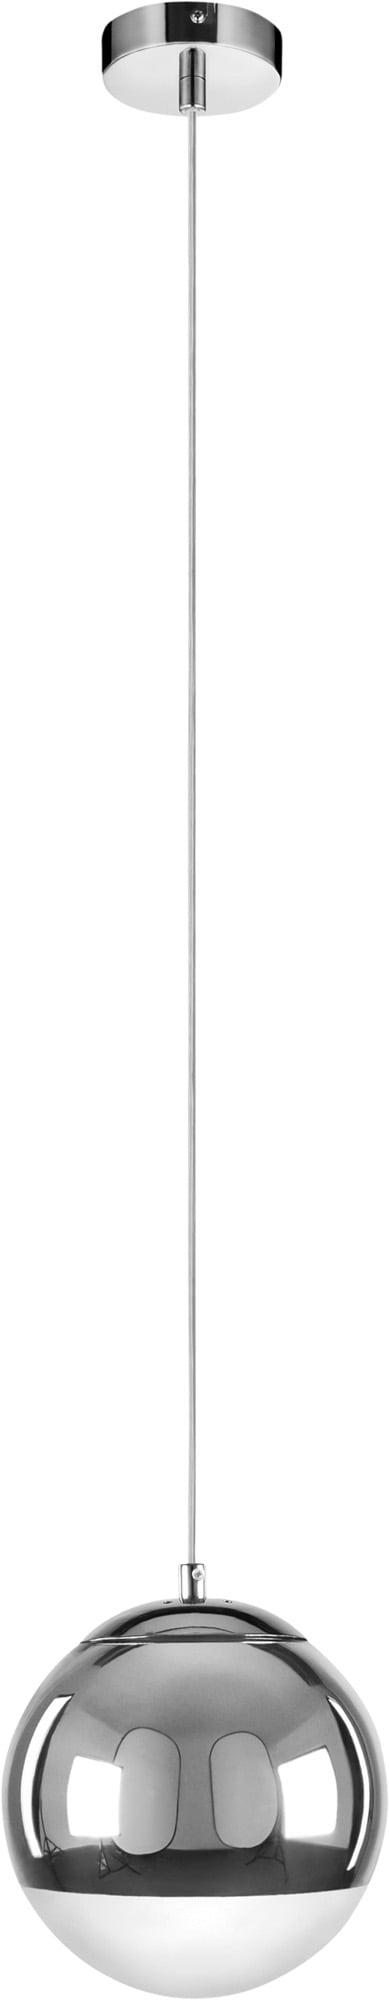 Lampa suspendată single Gino crom E27 60W